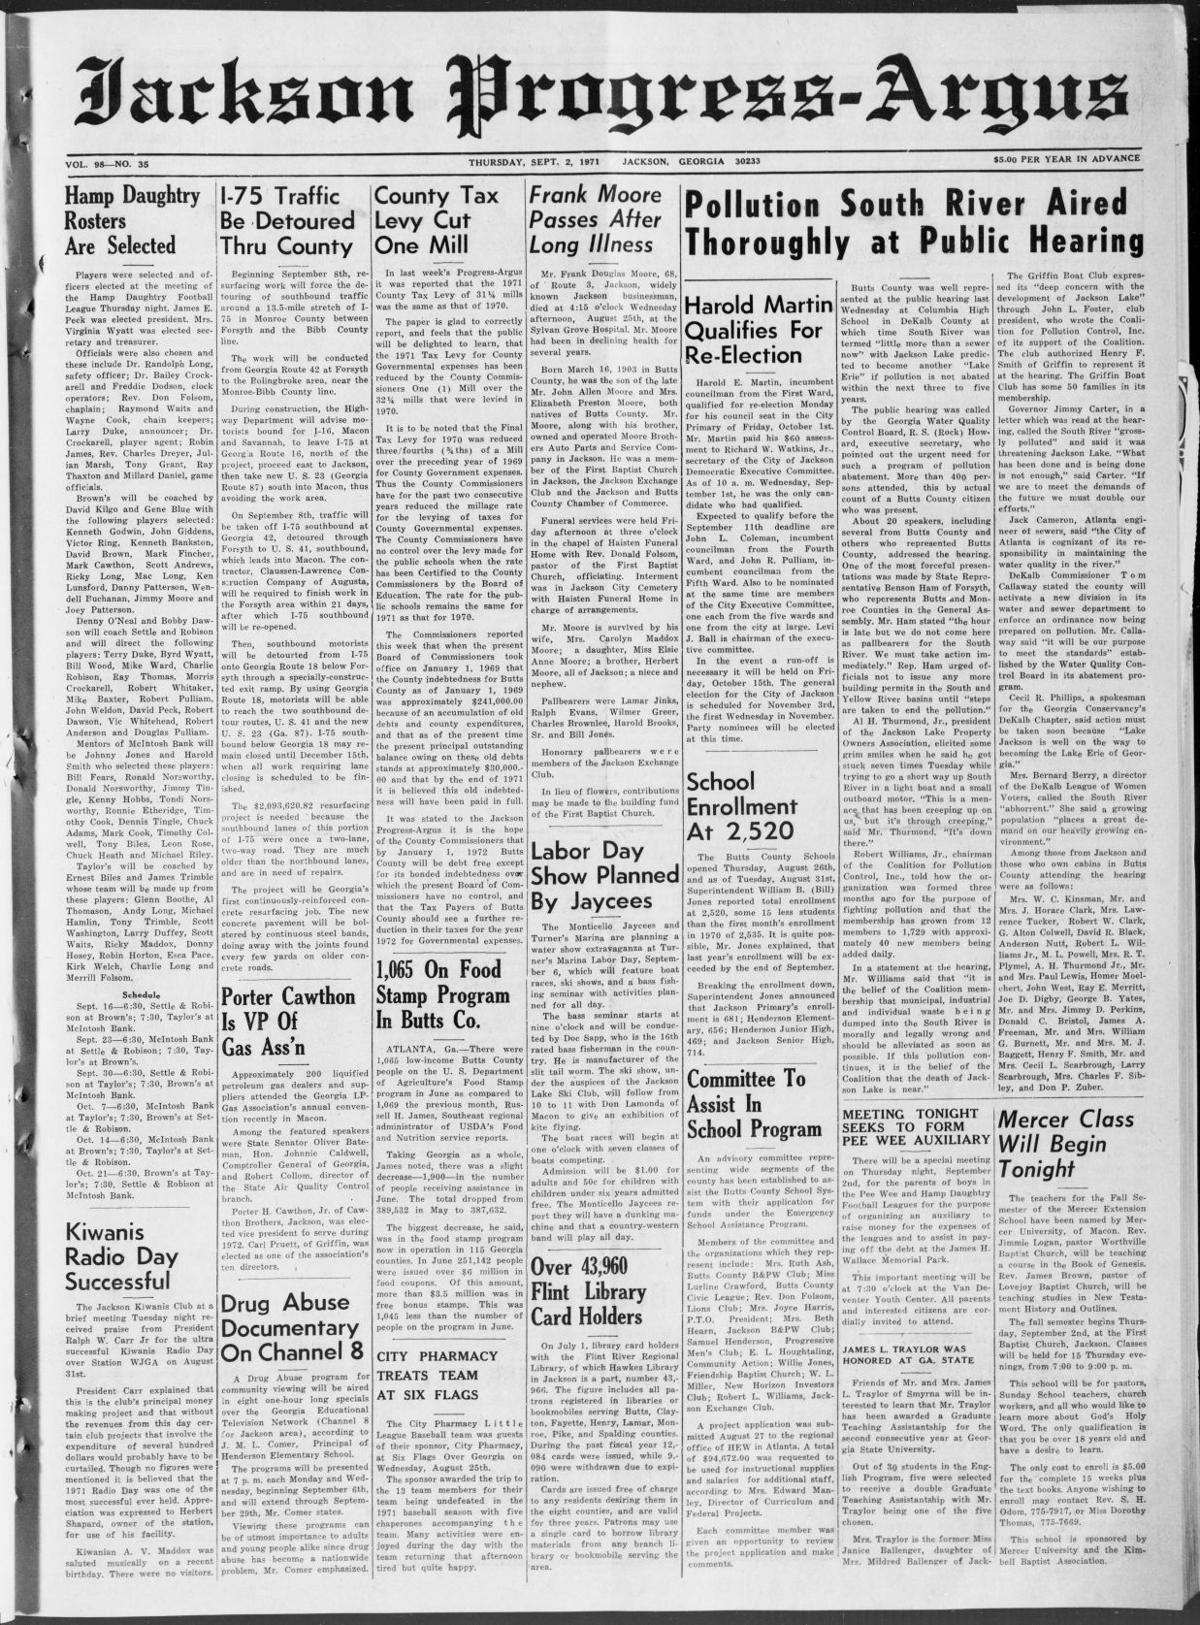 September 2, 1971